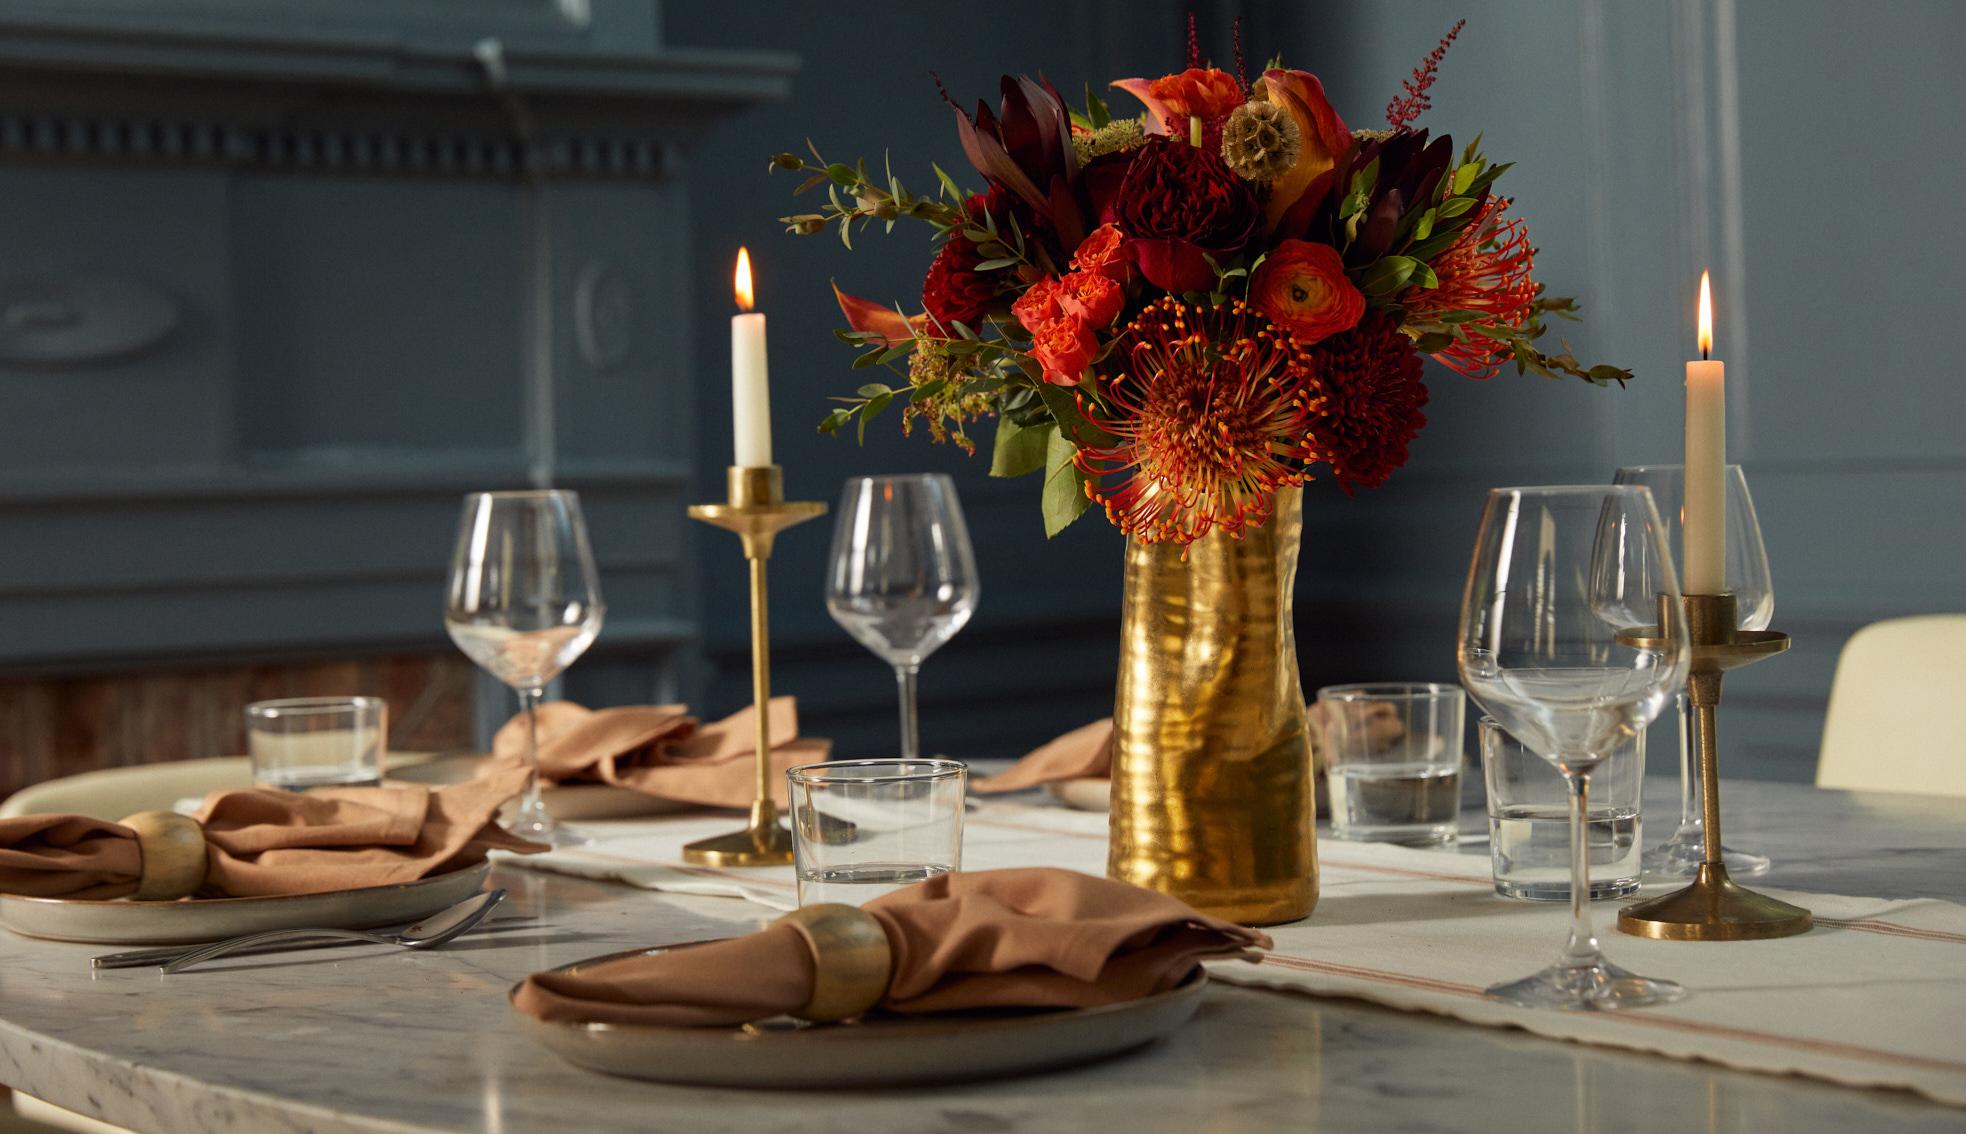 Fall bouquet serving as an autumn dinner party centerpiece